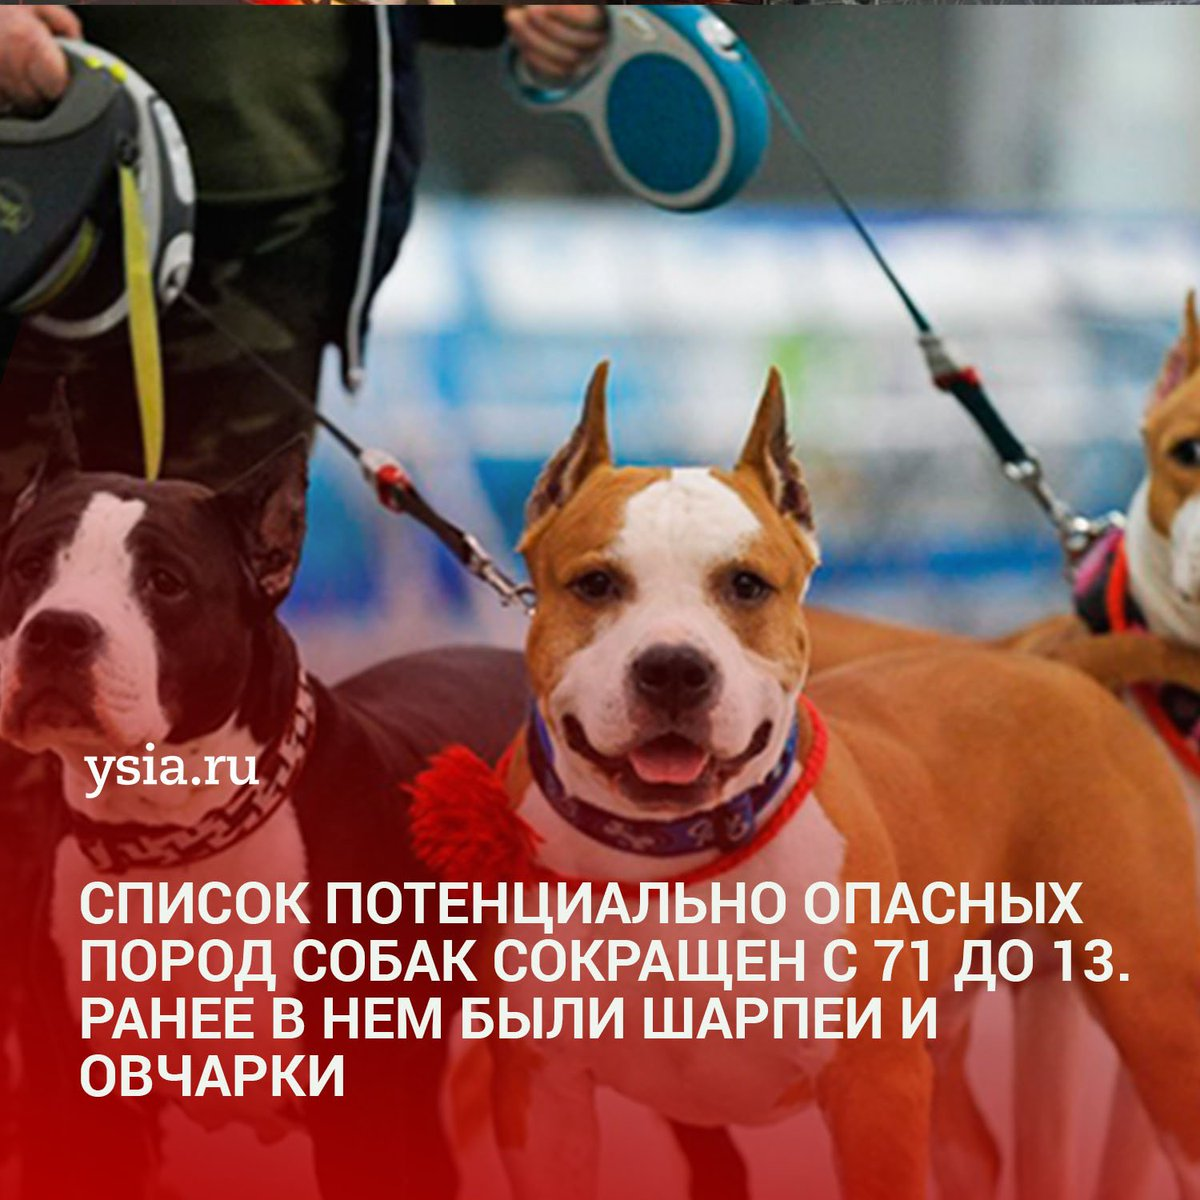 Список опасных пород собак, принятый госдумой